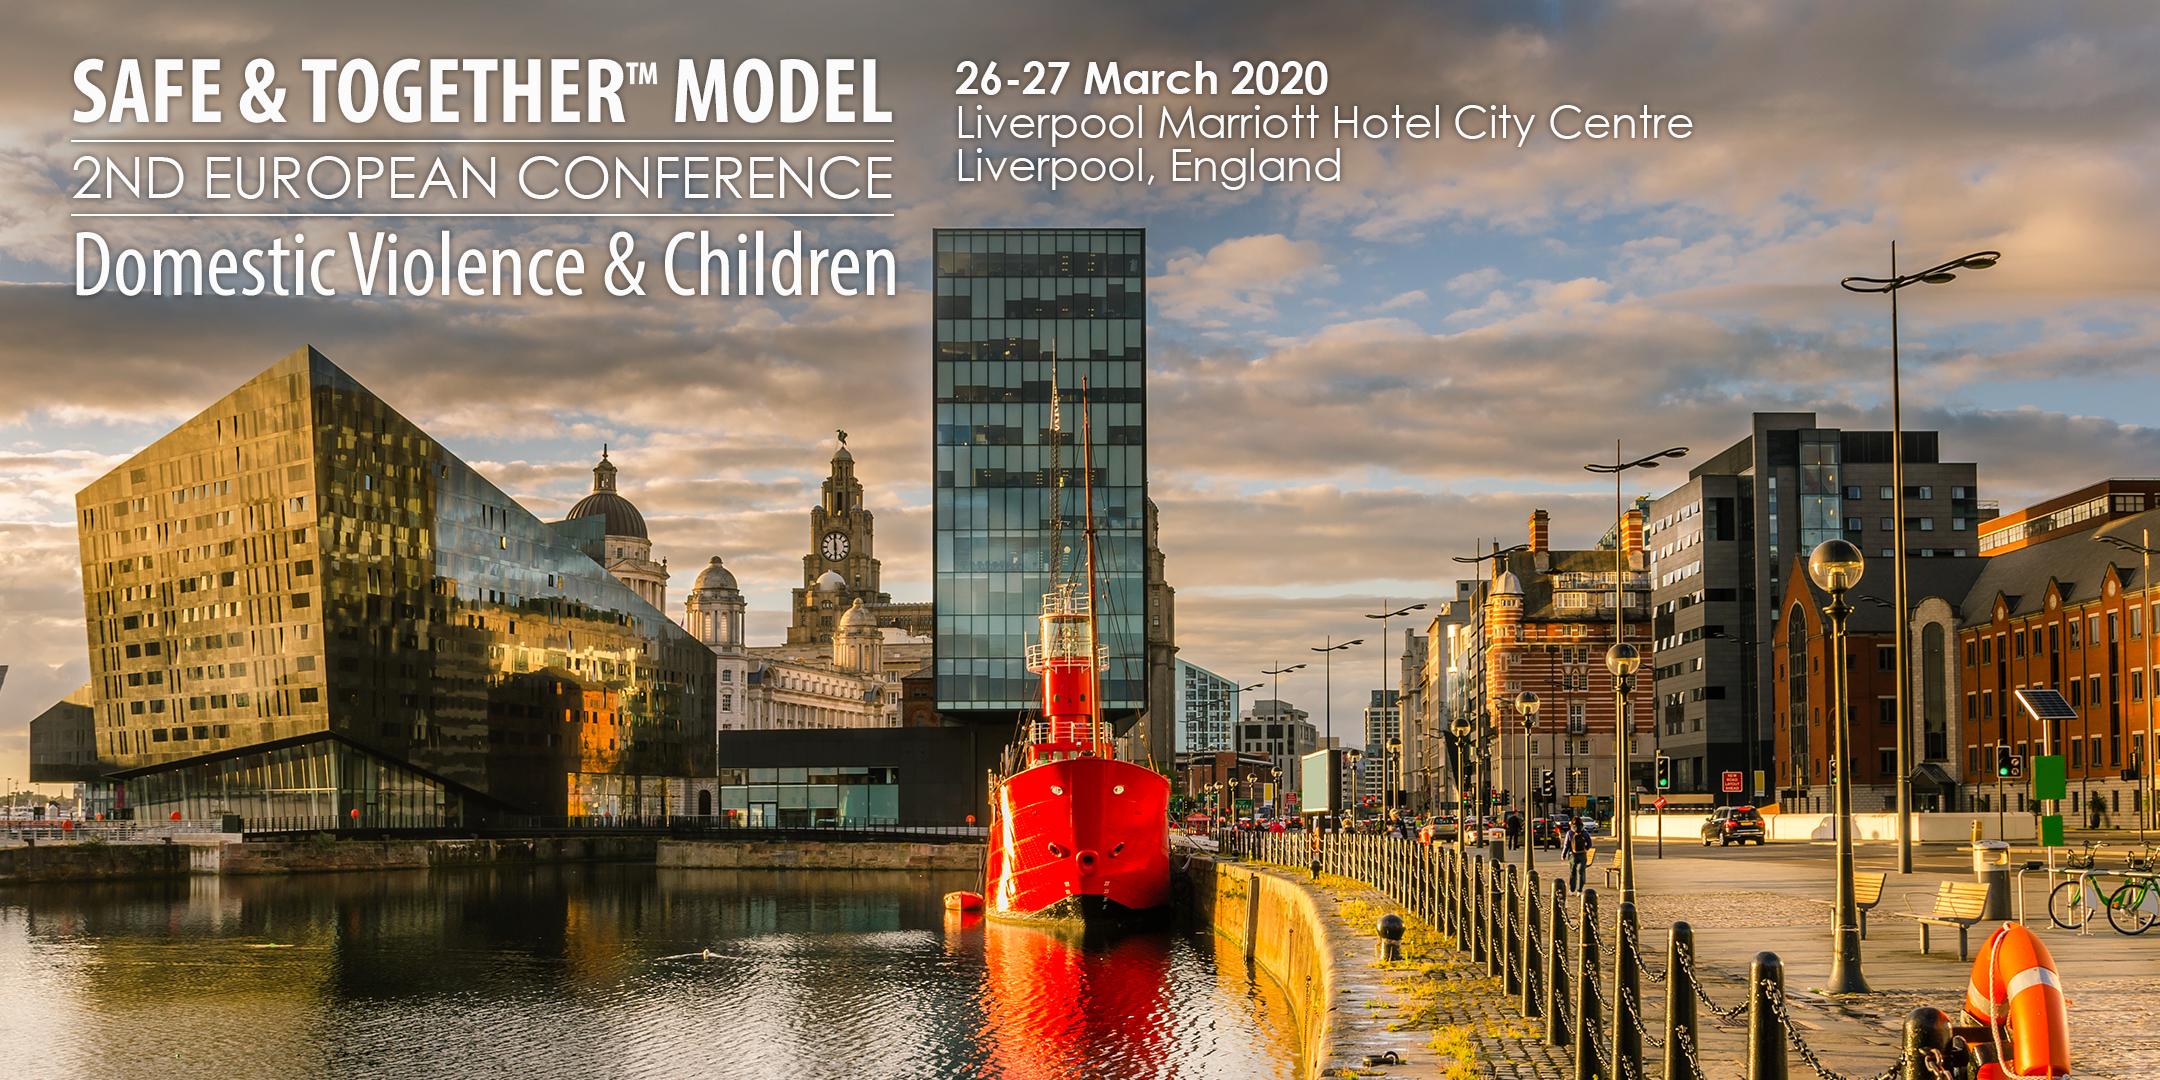 2nd Safe & Together™ Model European Conference: Domestic Violence & Children